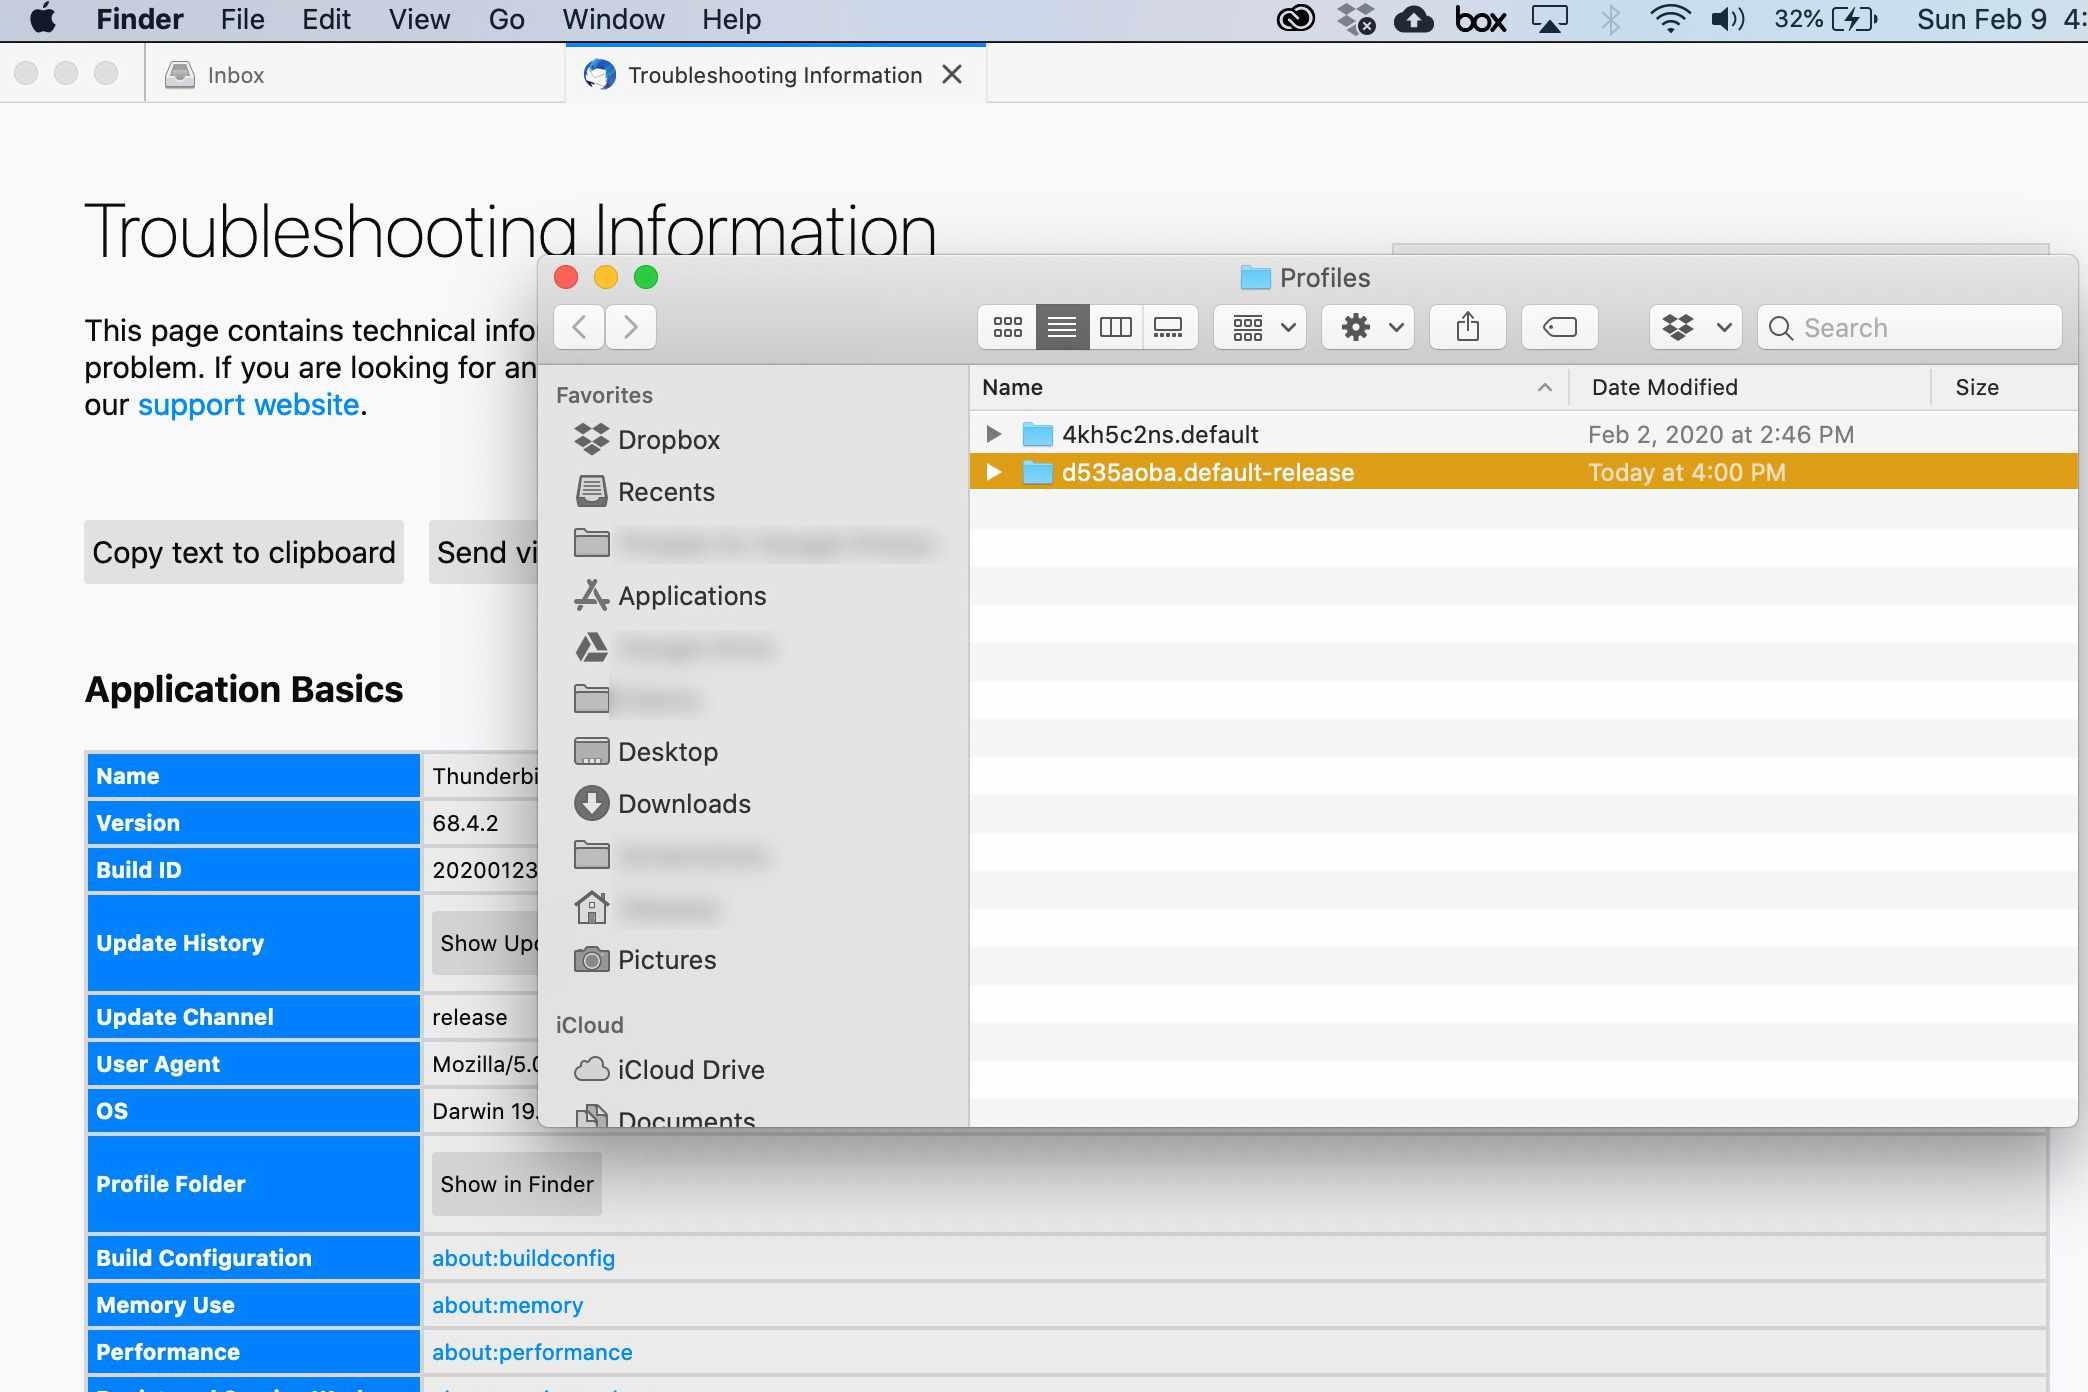 Thunderbird profile folder in macOS Finder